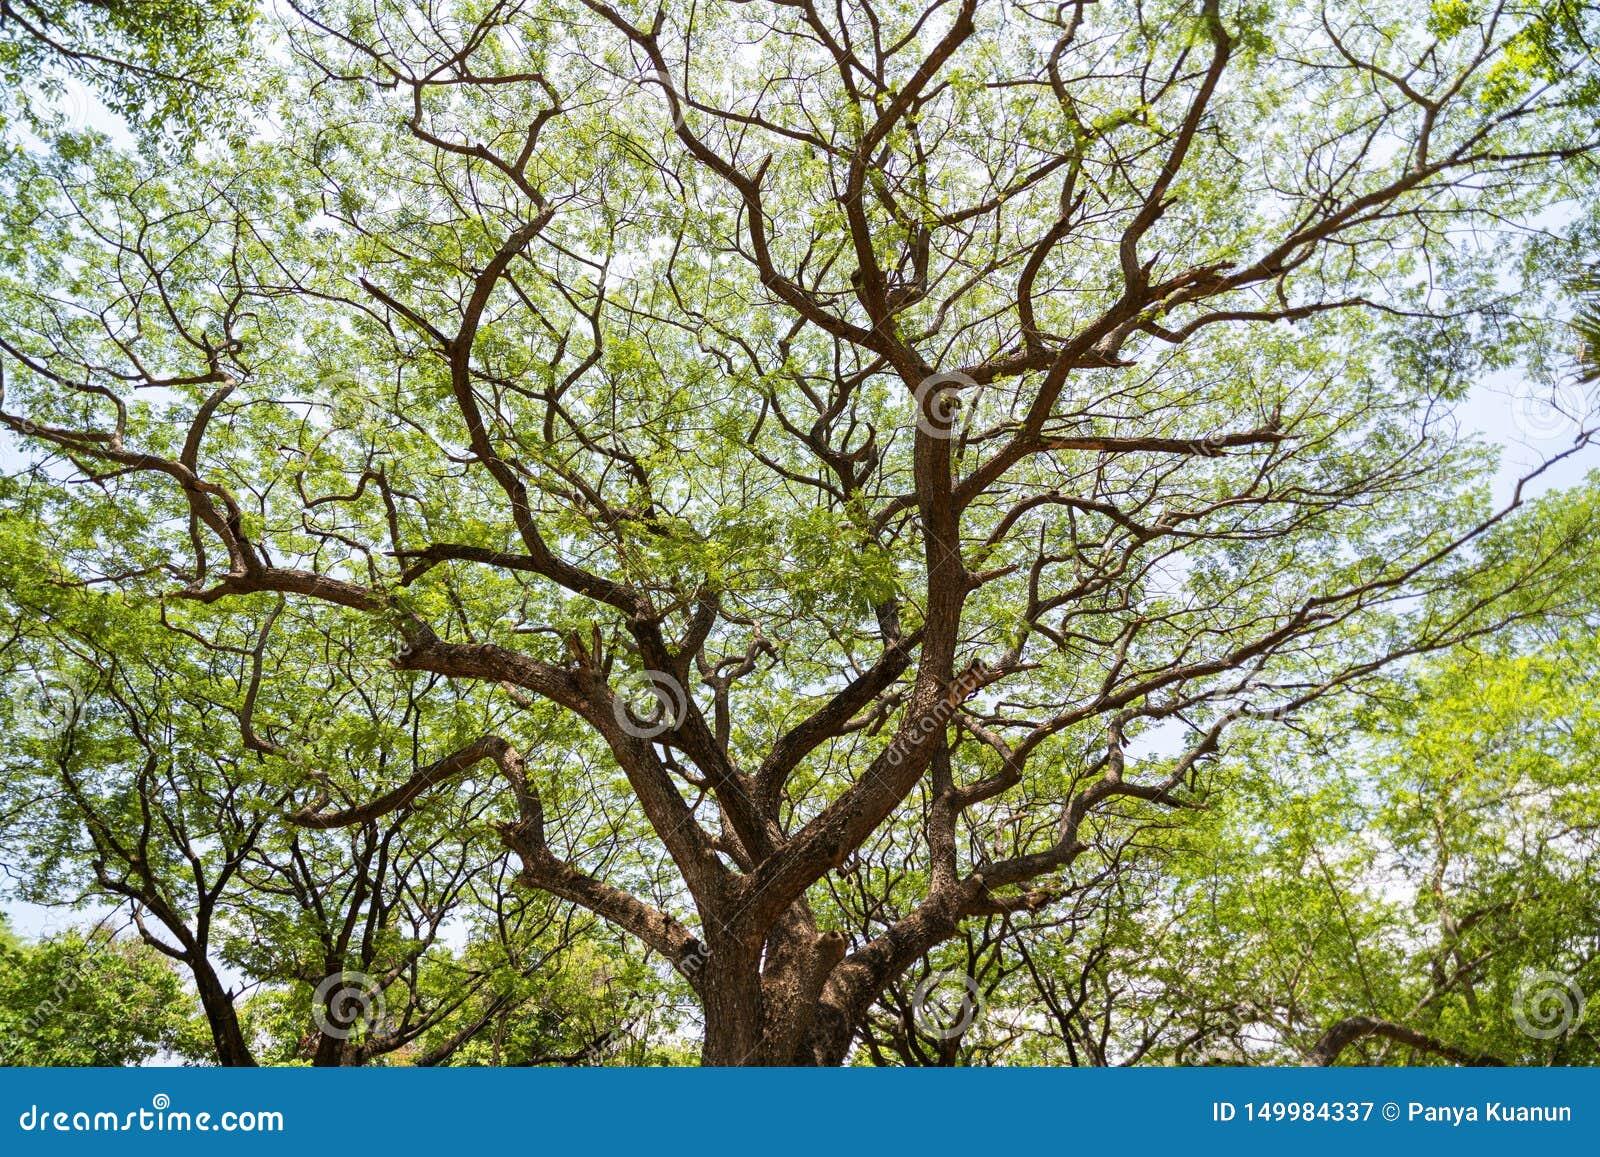 Forest Growth Trees,nature Green Trees Rainforest For ... on tropical garden design, desert garden design, wetland garden design, subtropical garden design, bird friendly garden design, coastal garden design, jungle garden design, tree garden design,